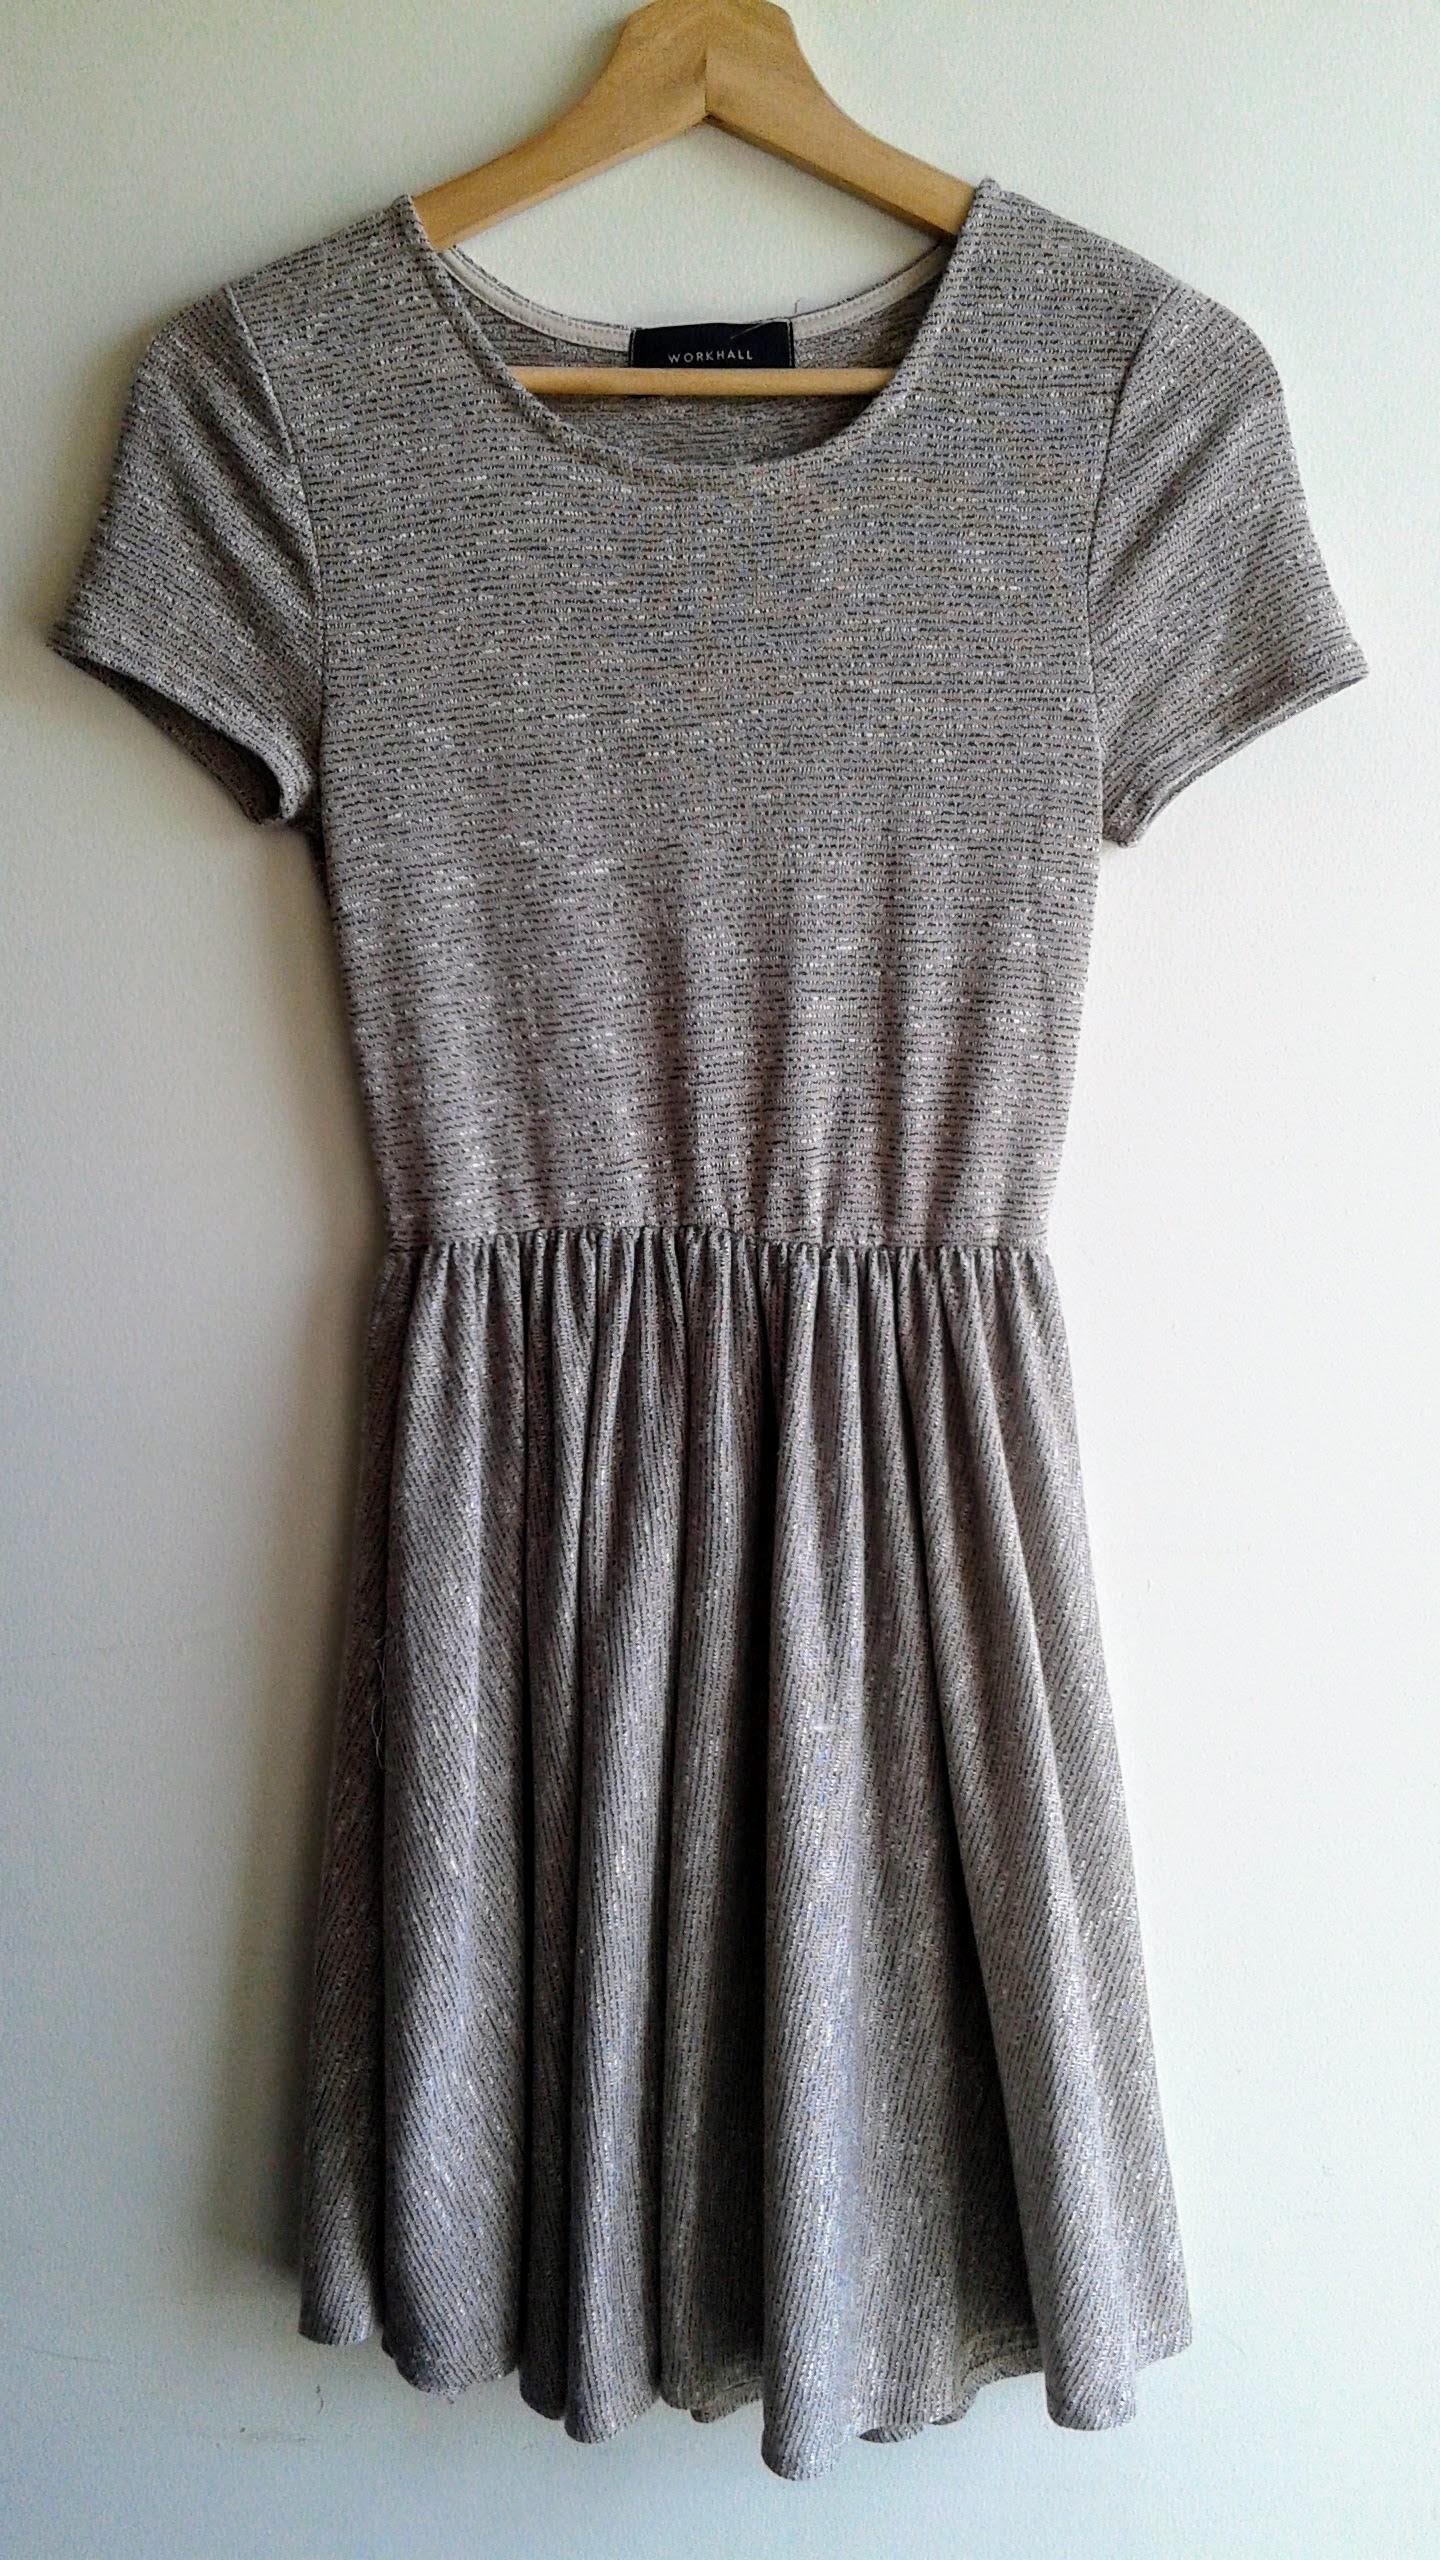 Workhall dress; Size S, $30